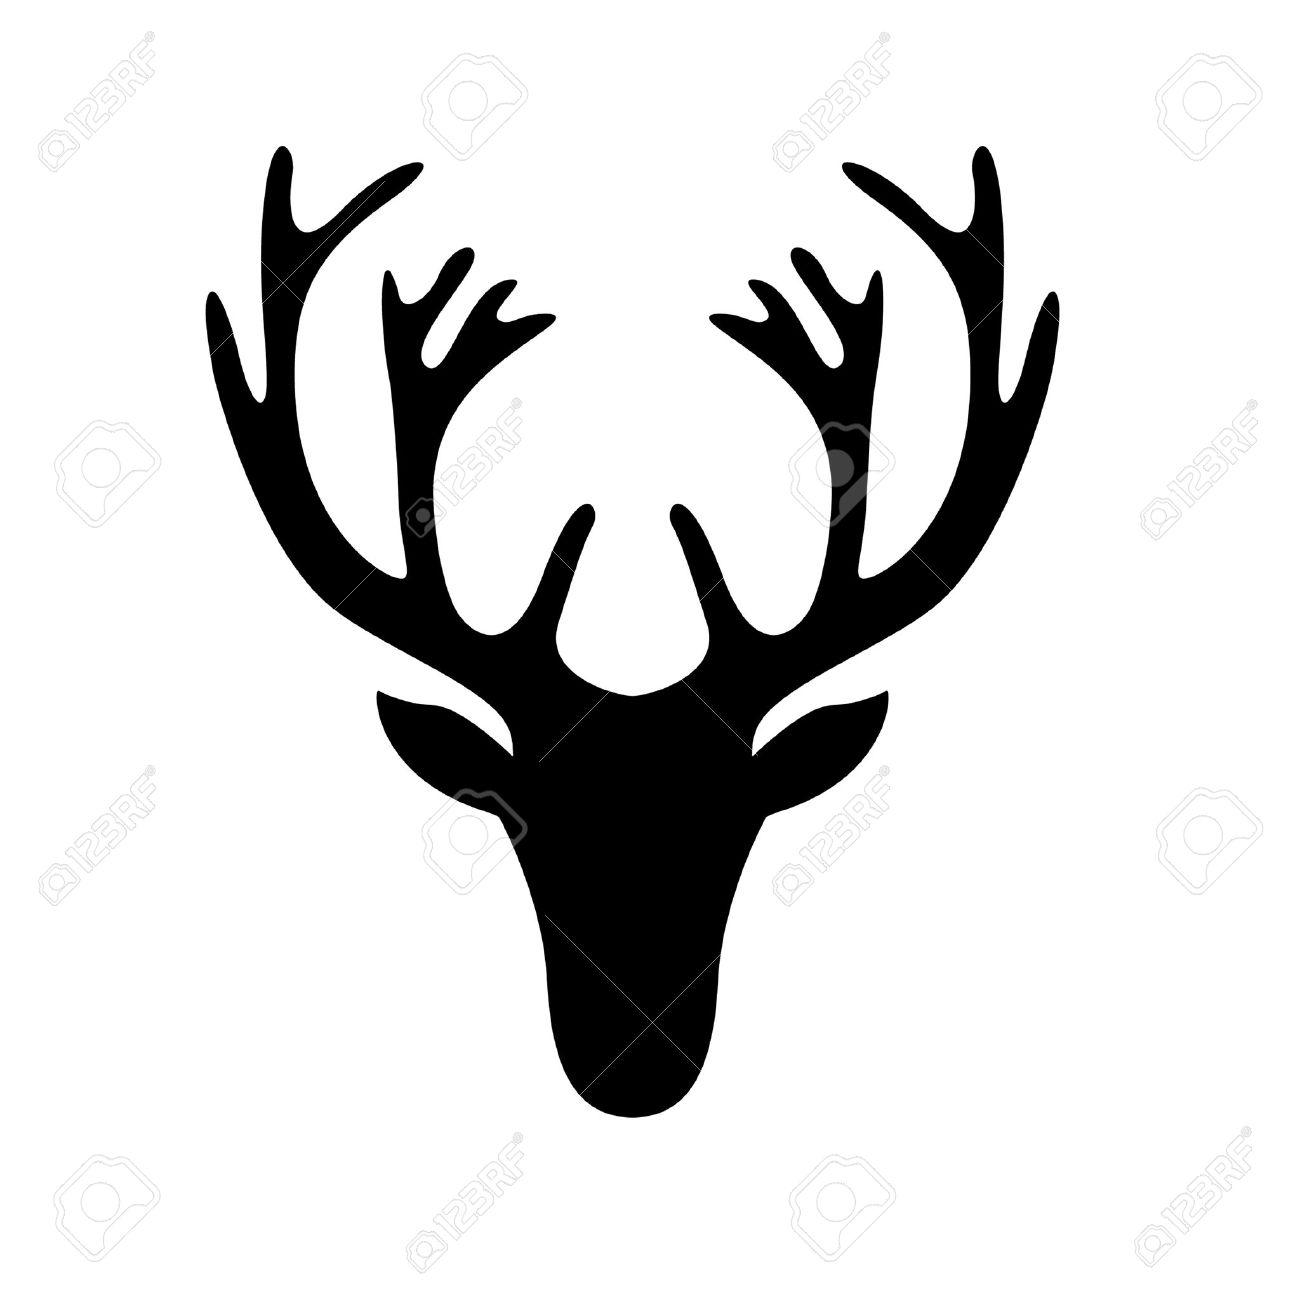 Fullsize Of Deer Head Silhouette